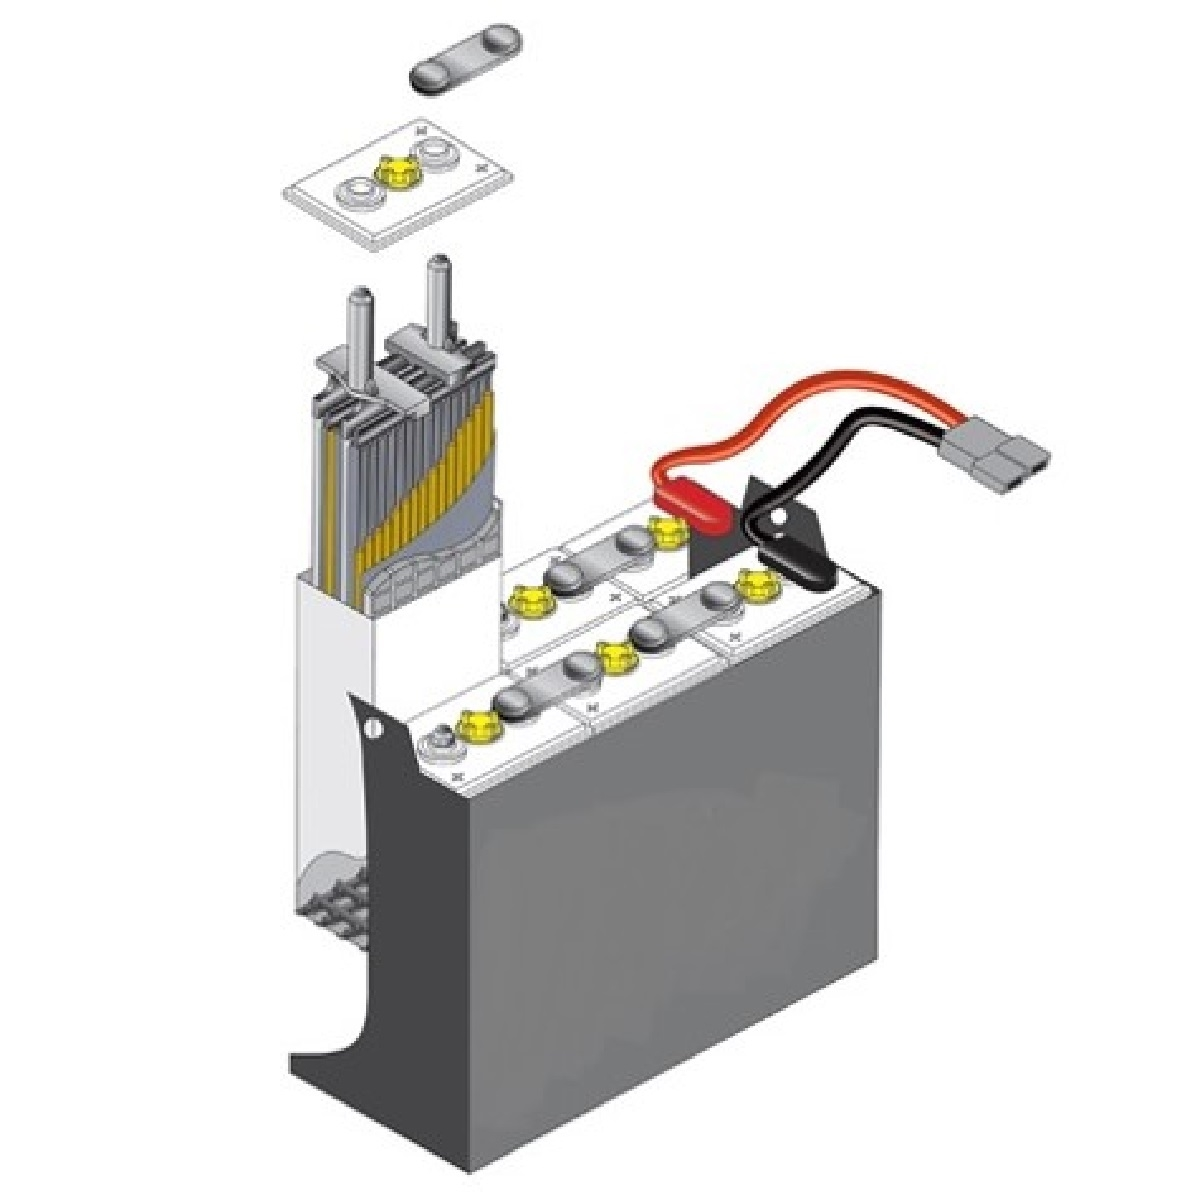 12 125 17 Forklift Battery 24 Volt 1000 Ah At 6 Hr